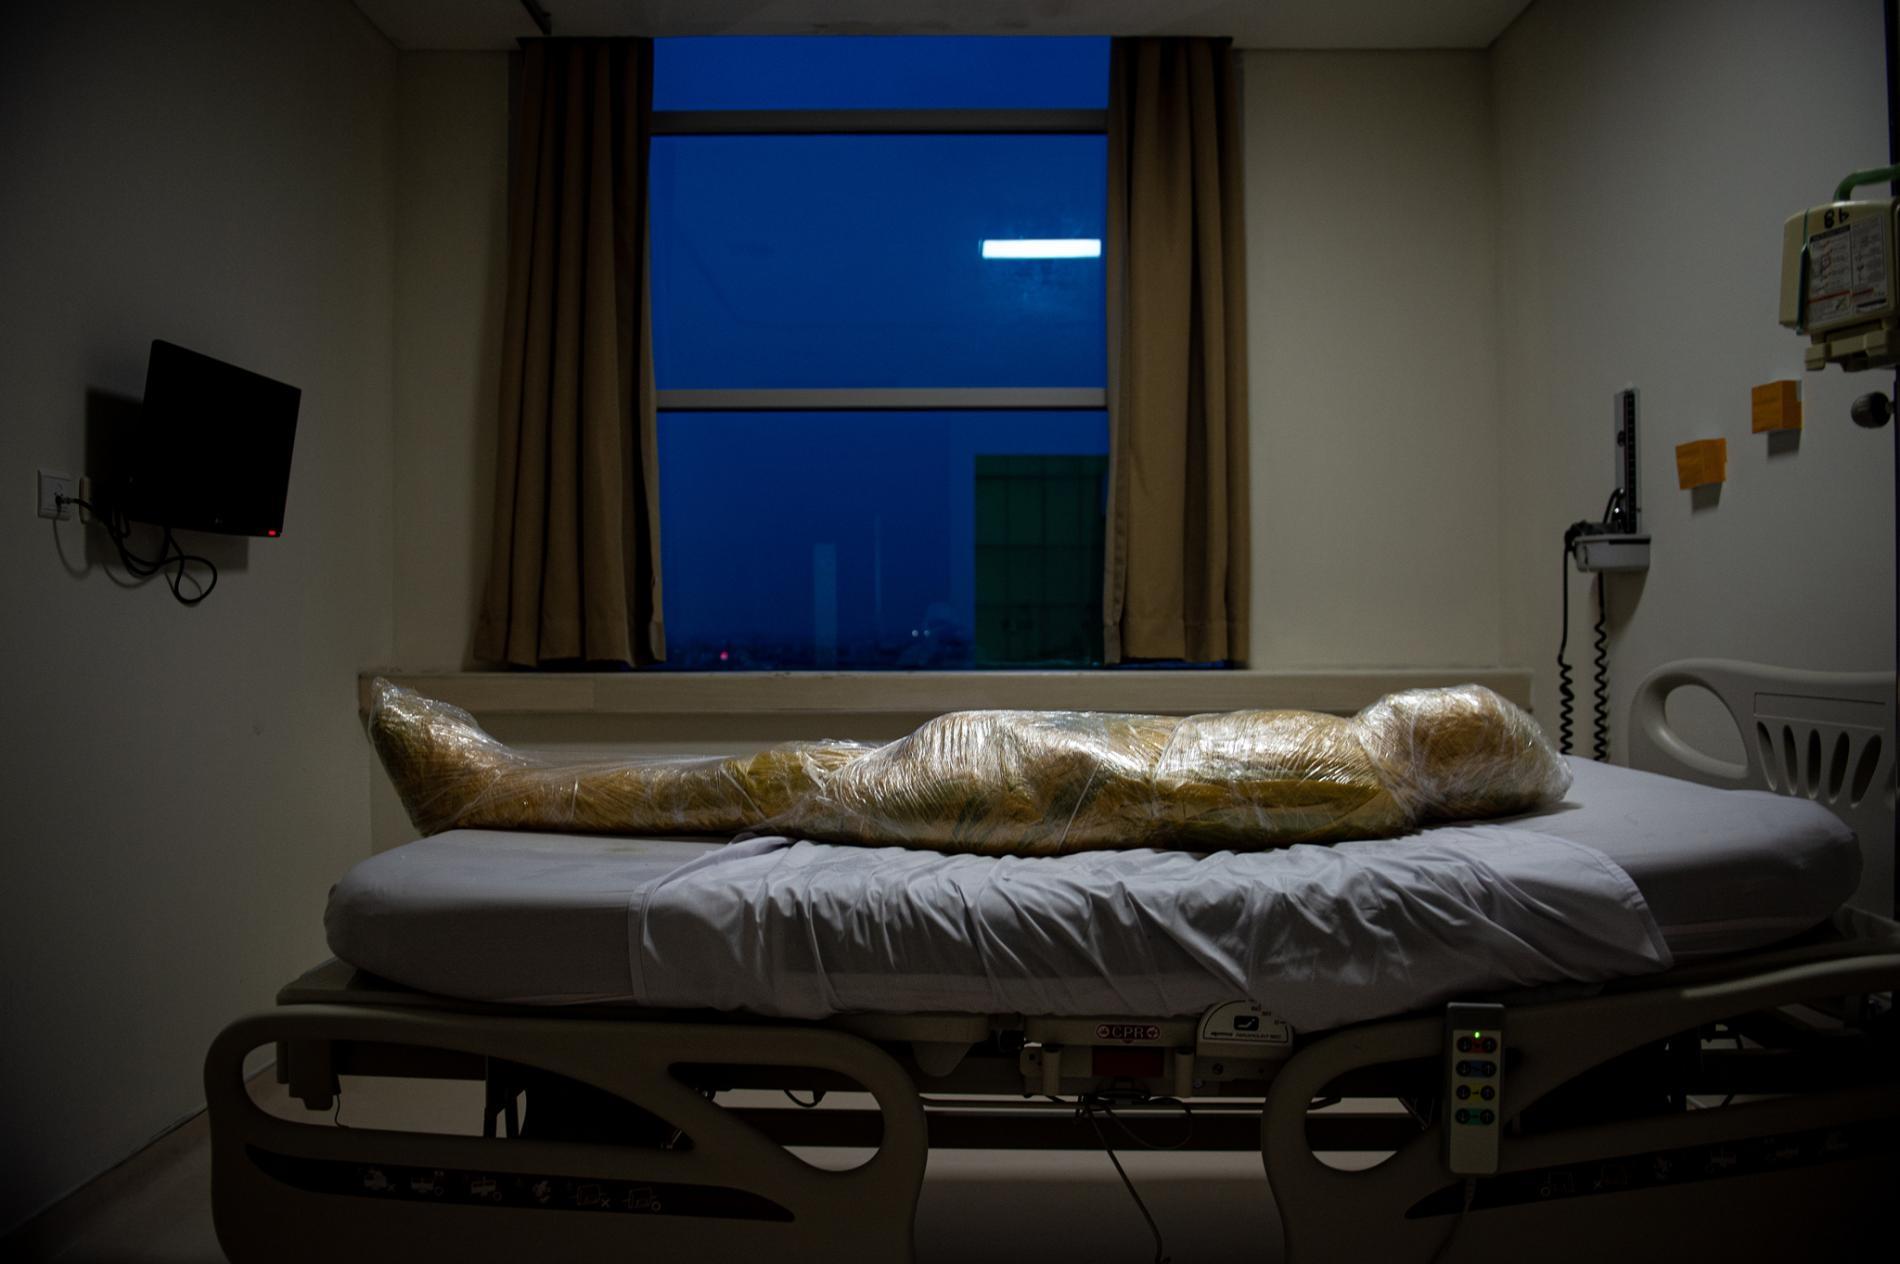 疑似COVID-19罹難者的遺體放在印尼的一間醫院。該病患死亡後,護理師用層層塑膠膜包裹遺體並塗抹消毒劑,以預防病毒傳播。PHOTOGRAPH BY JOSHUA IRWANDI